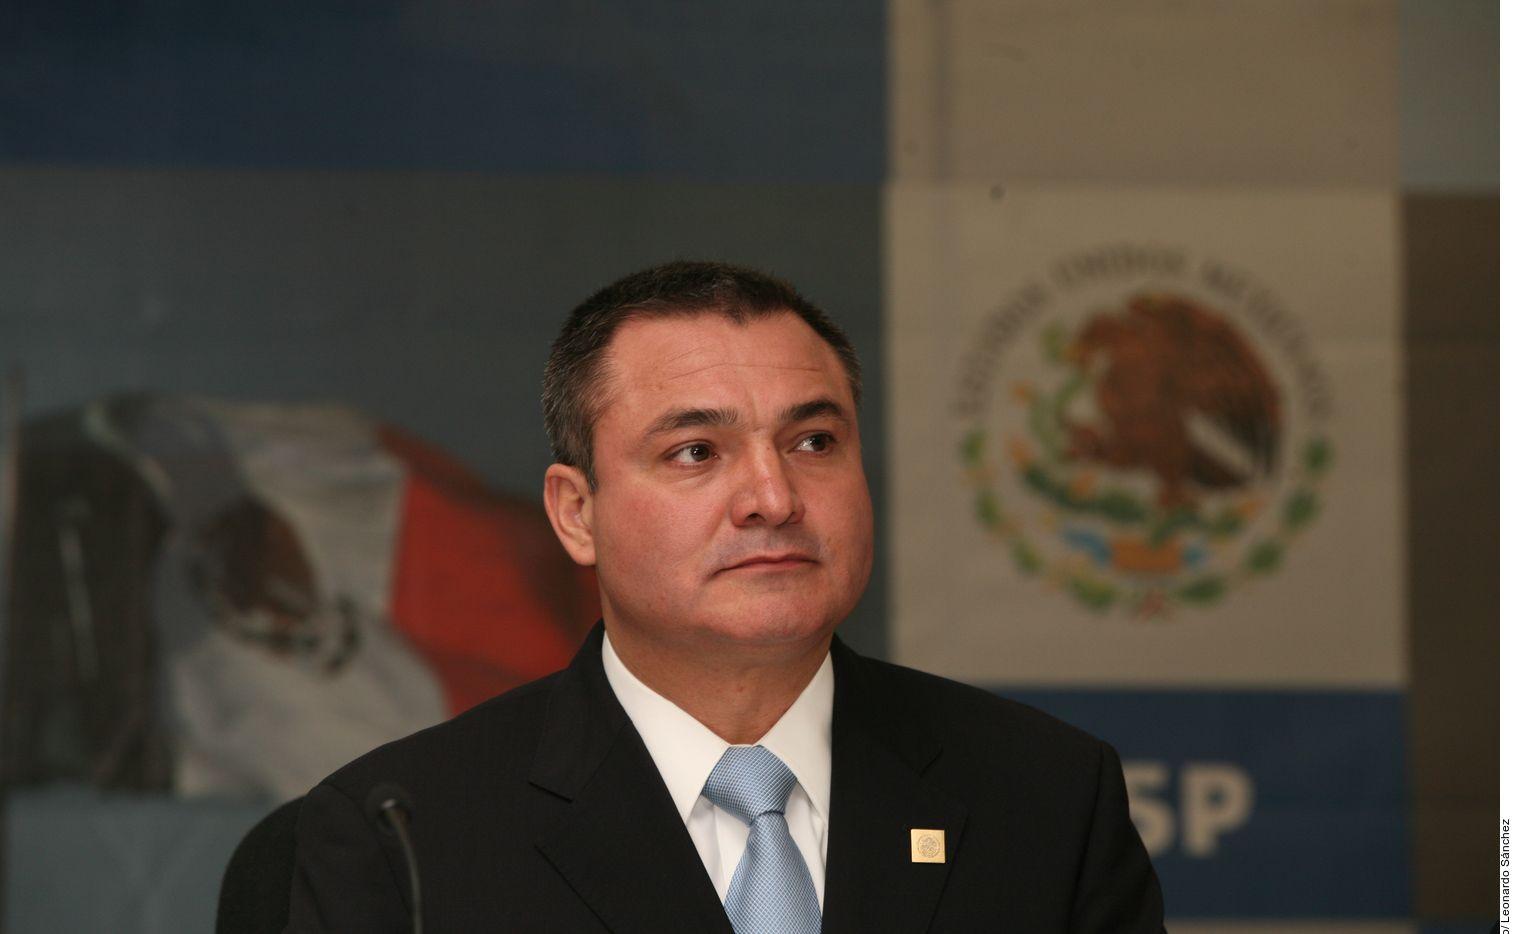 Genaro García Luna, quien fue secretario de Seguridad Pública de México entre 2006 y 2012 durante el gobierno del entonces presidente Felipe Calderón.